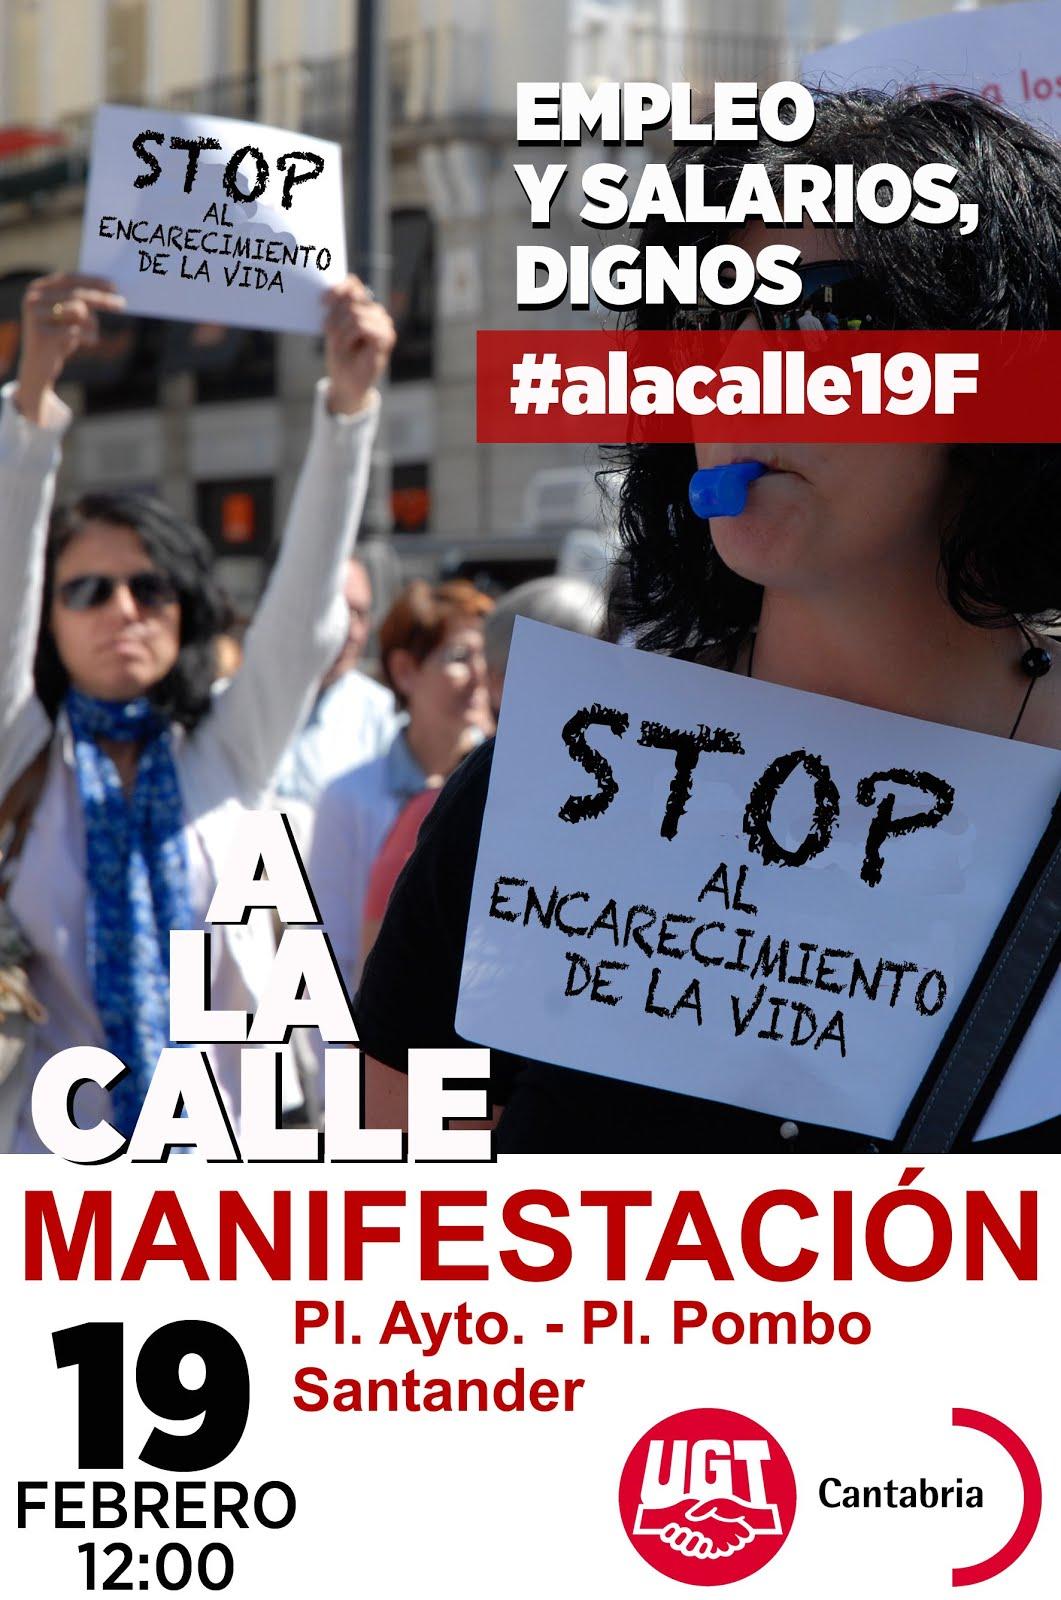 MANIFESTACIÓN DOMINGO 19 FEBRERO, A LAS 12H DESDE la Plaza del Ayuntamiento a la Plaza de Pombo.